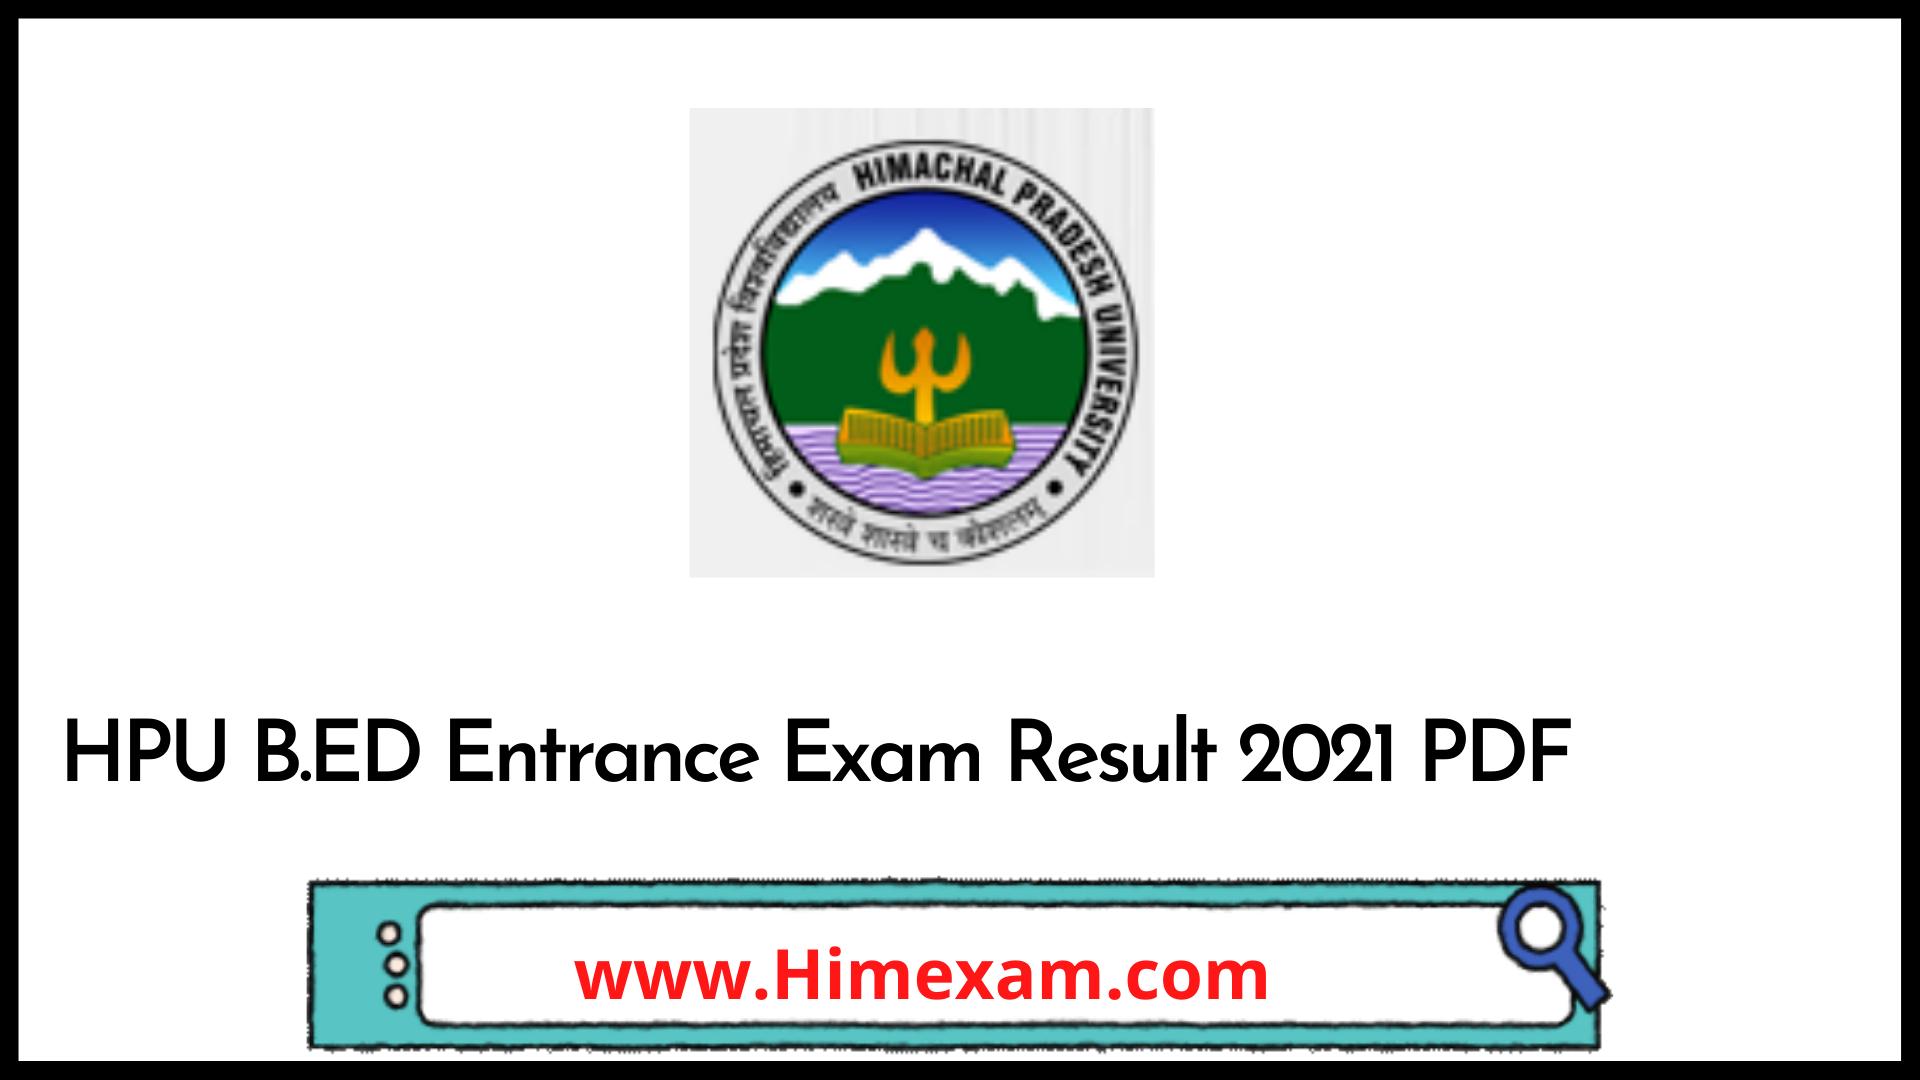 HPU B.ED Entrance Exam Result 2021 PDF